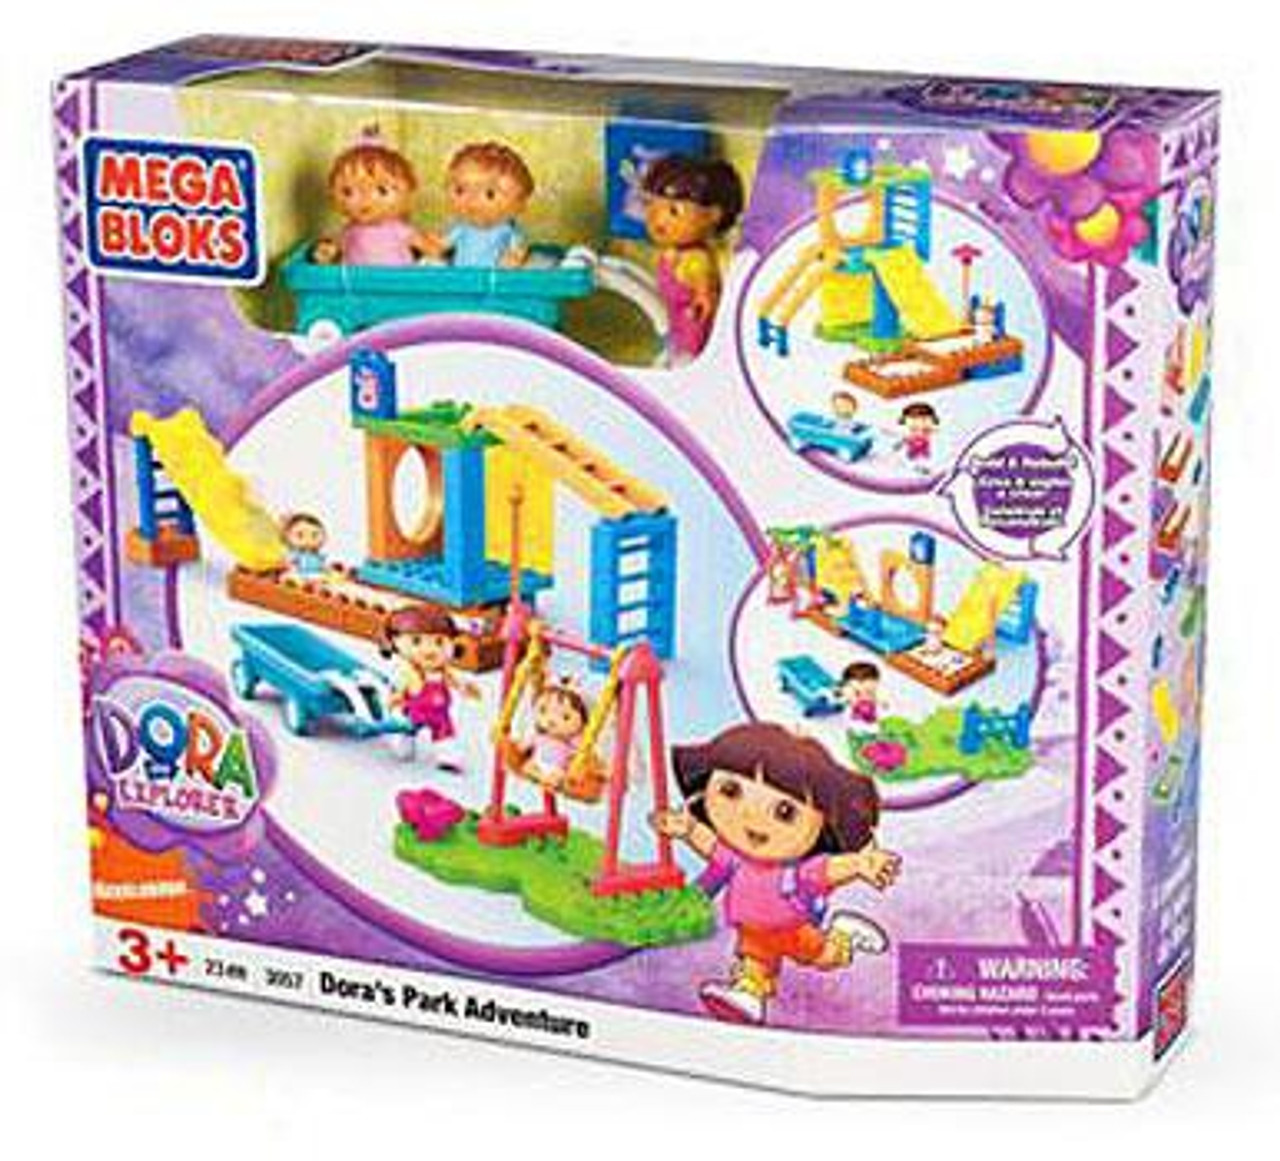 Mega Bloks Dora the Explorer Dora's Park Adventure Set #3057